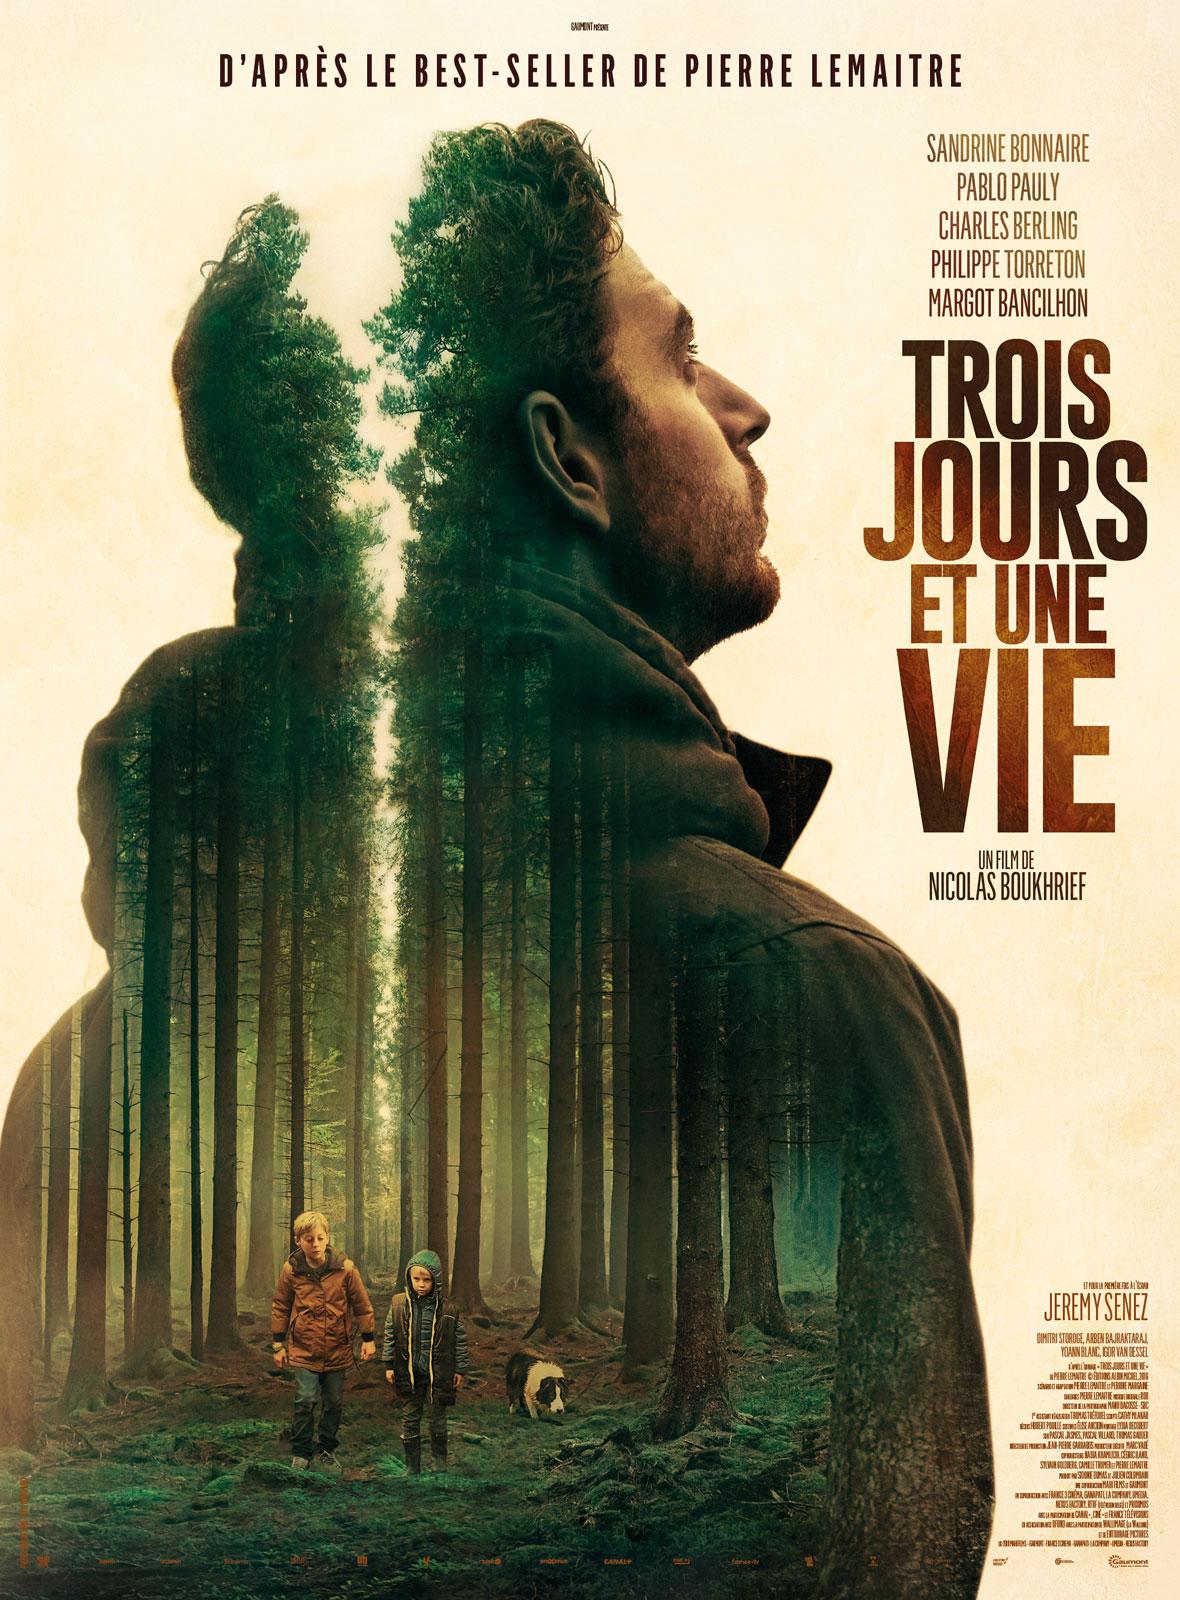 Image du film Trois jours et une vie